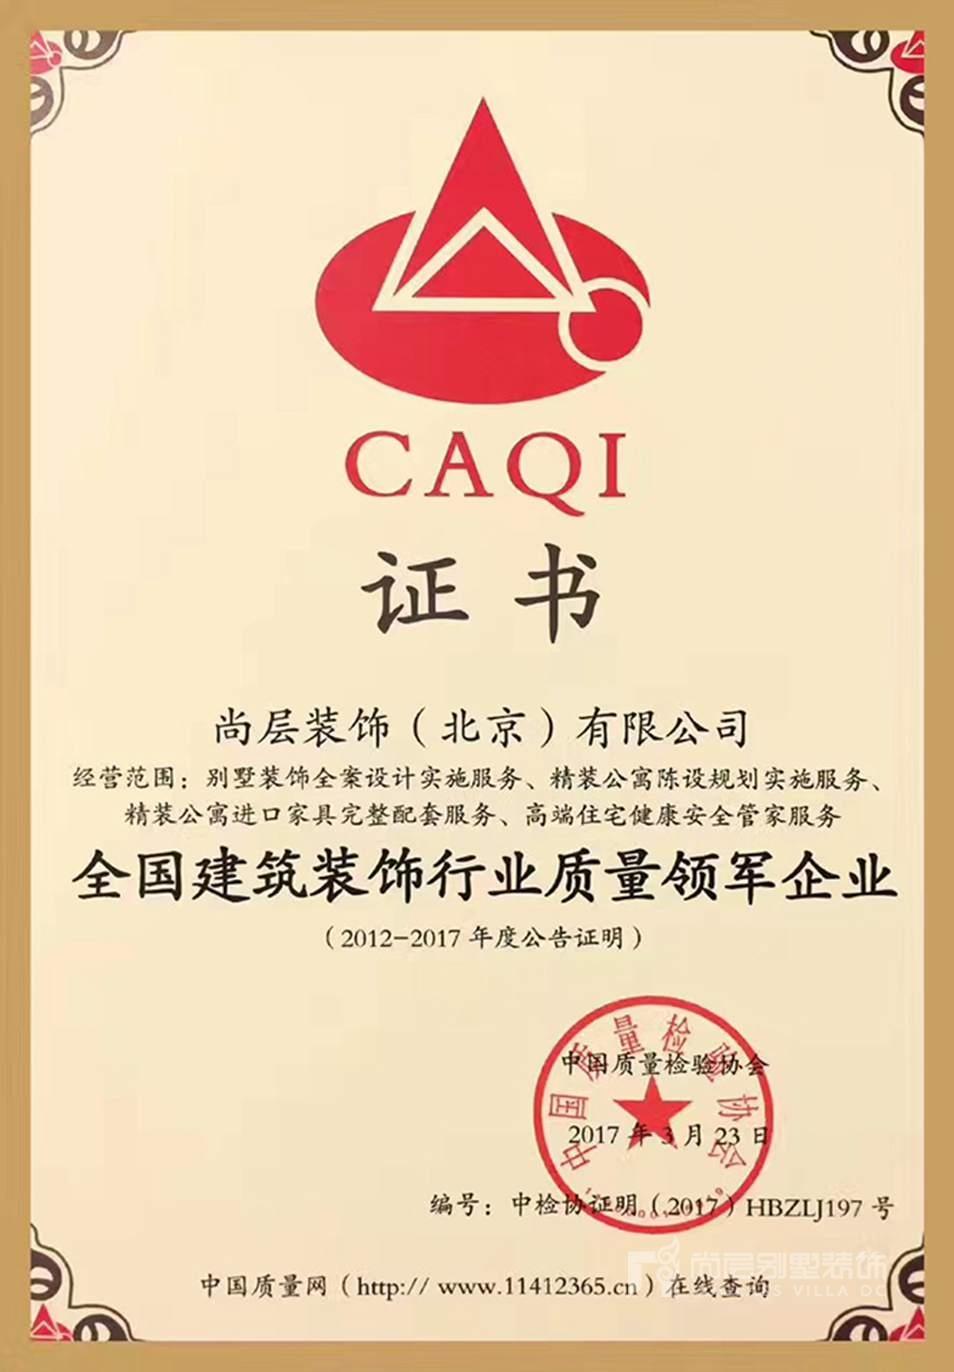 尚层装饰《全国建筑装饰行业质量领军企业》证书